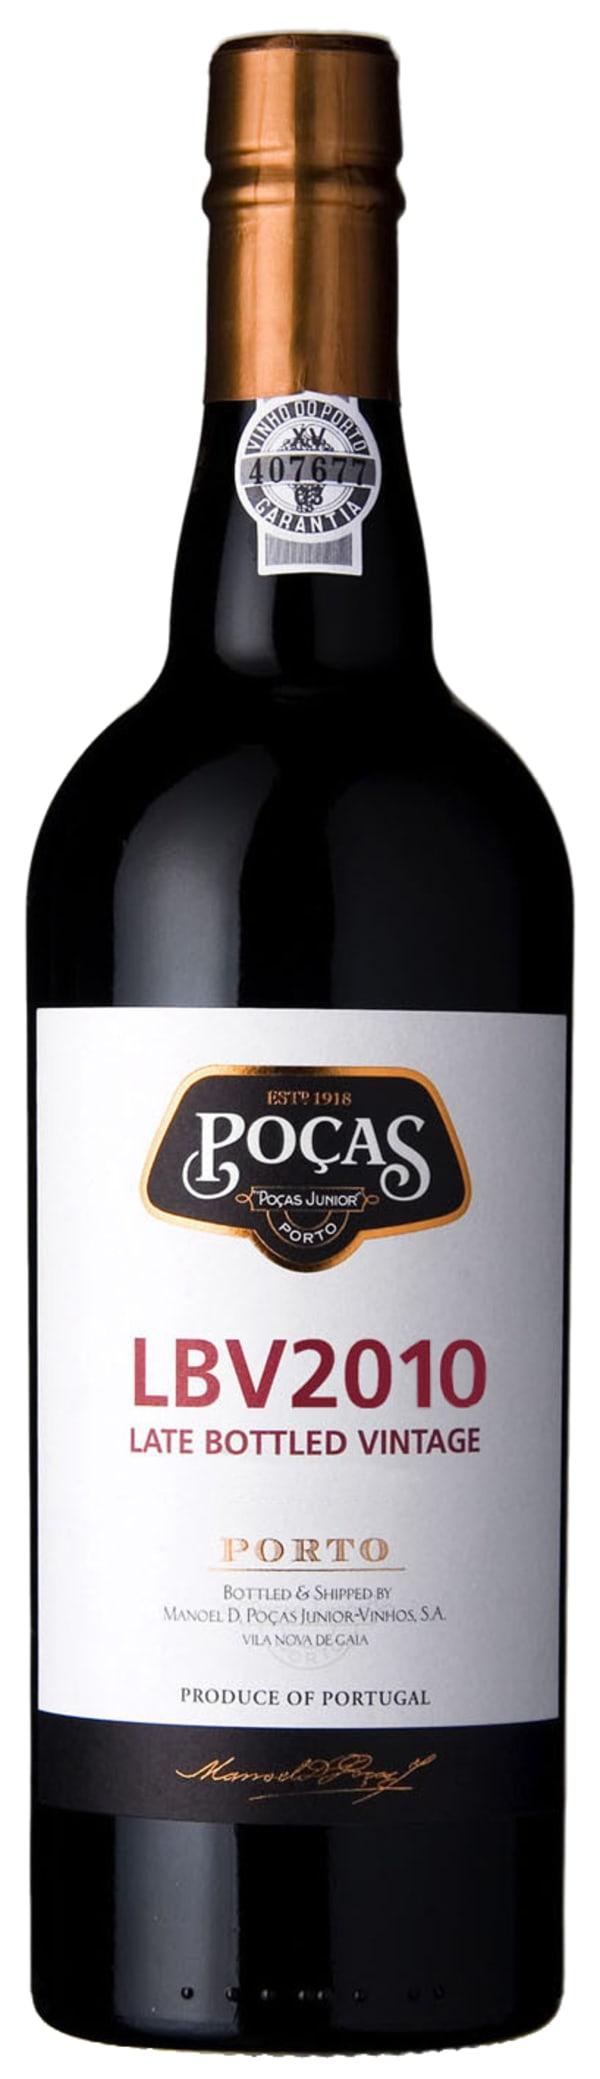 Poças Late Bottled Vintage Port 2010